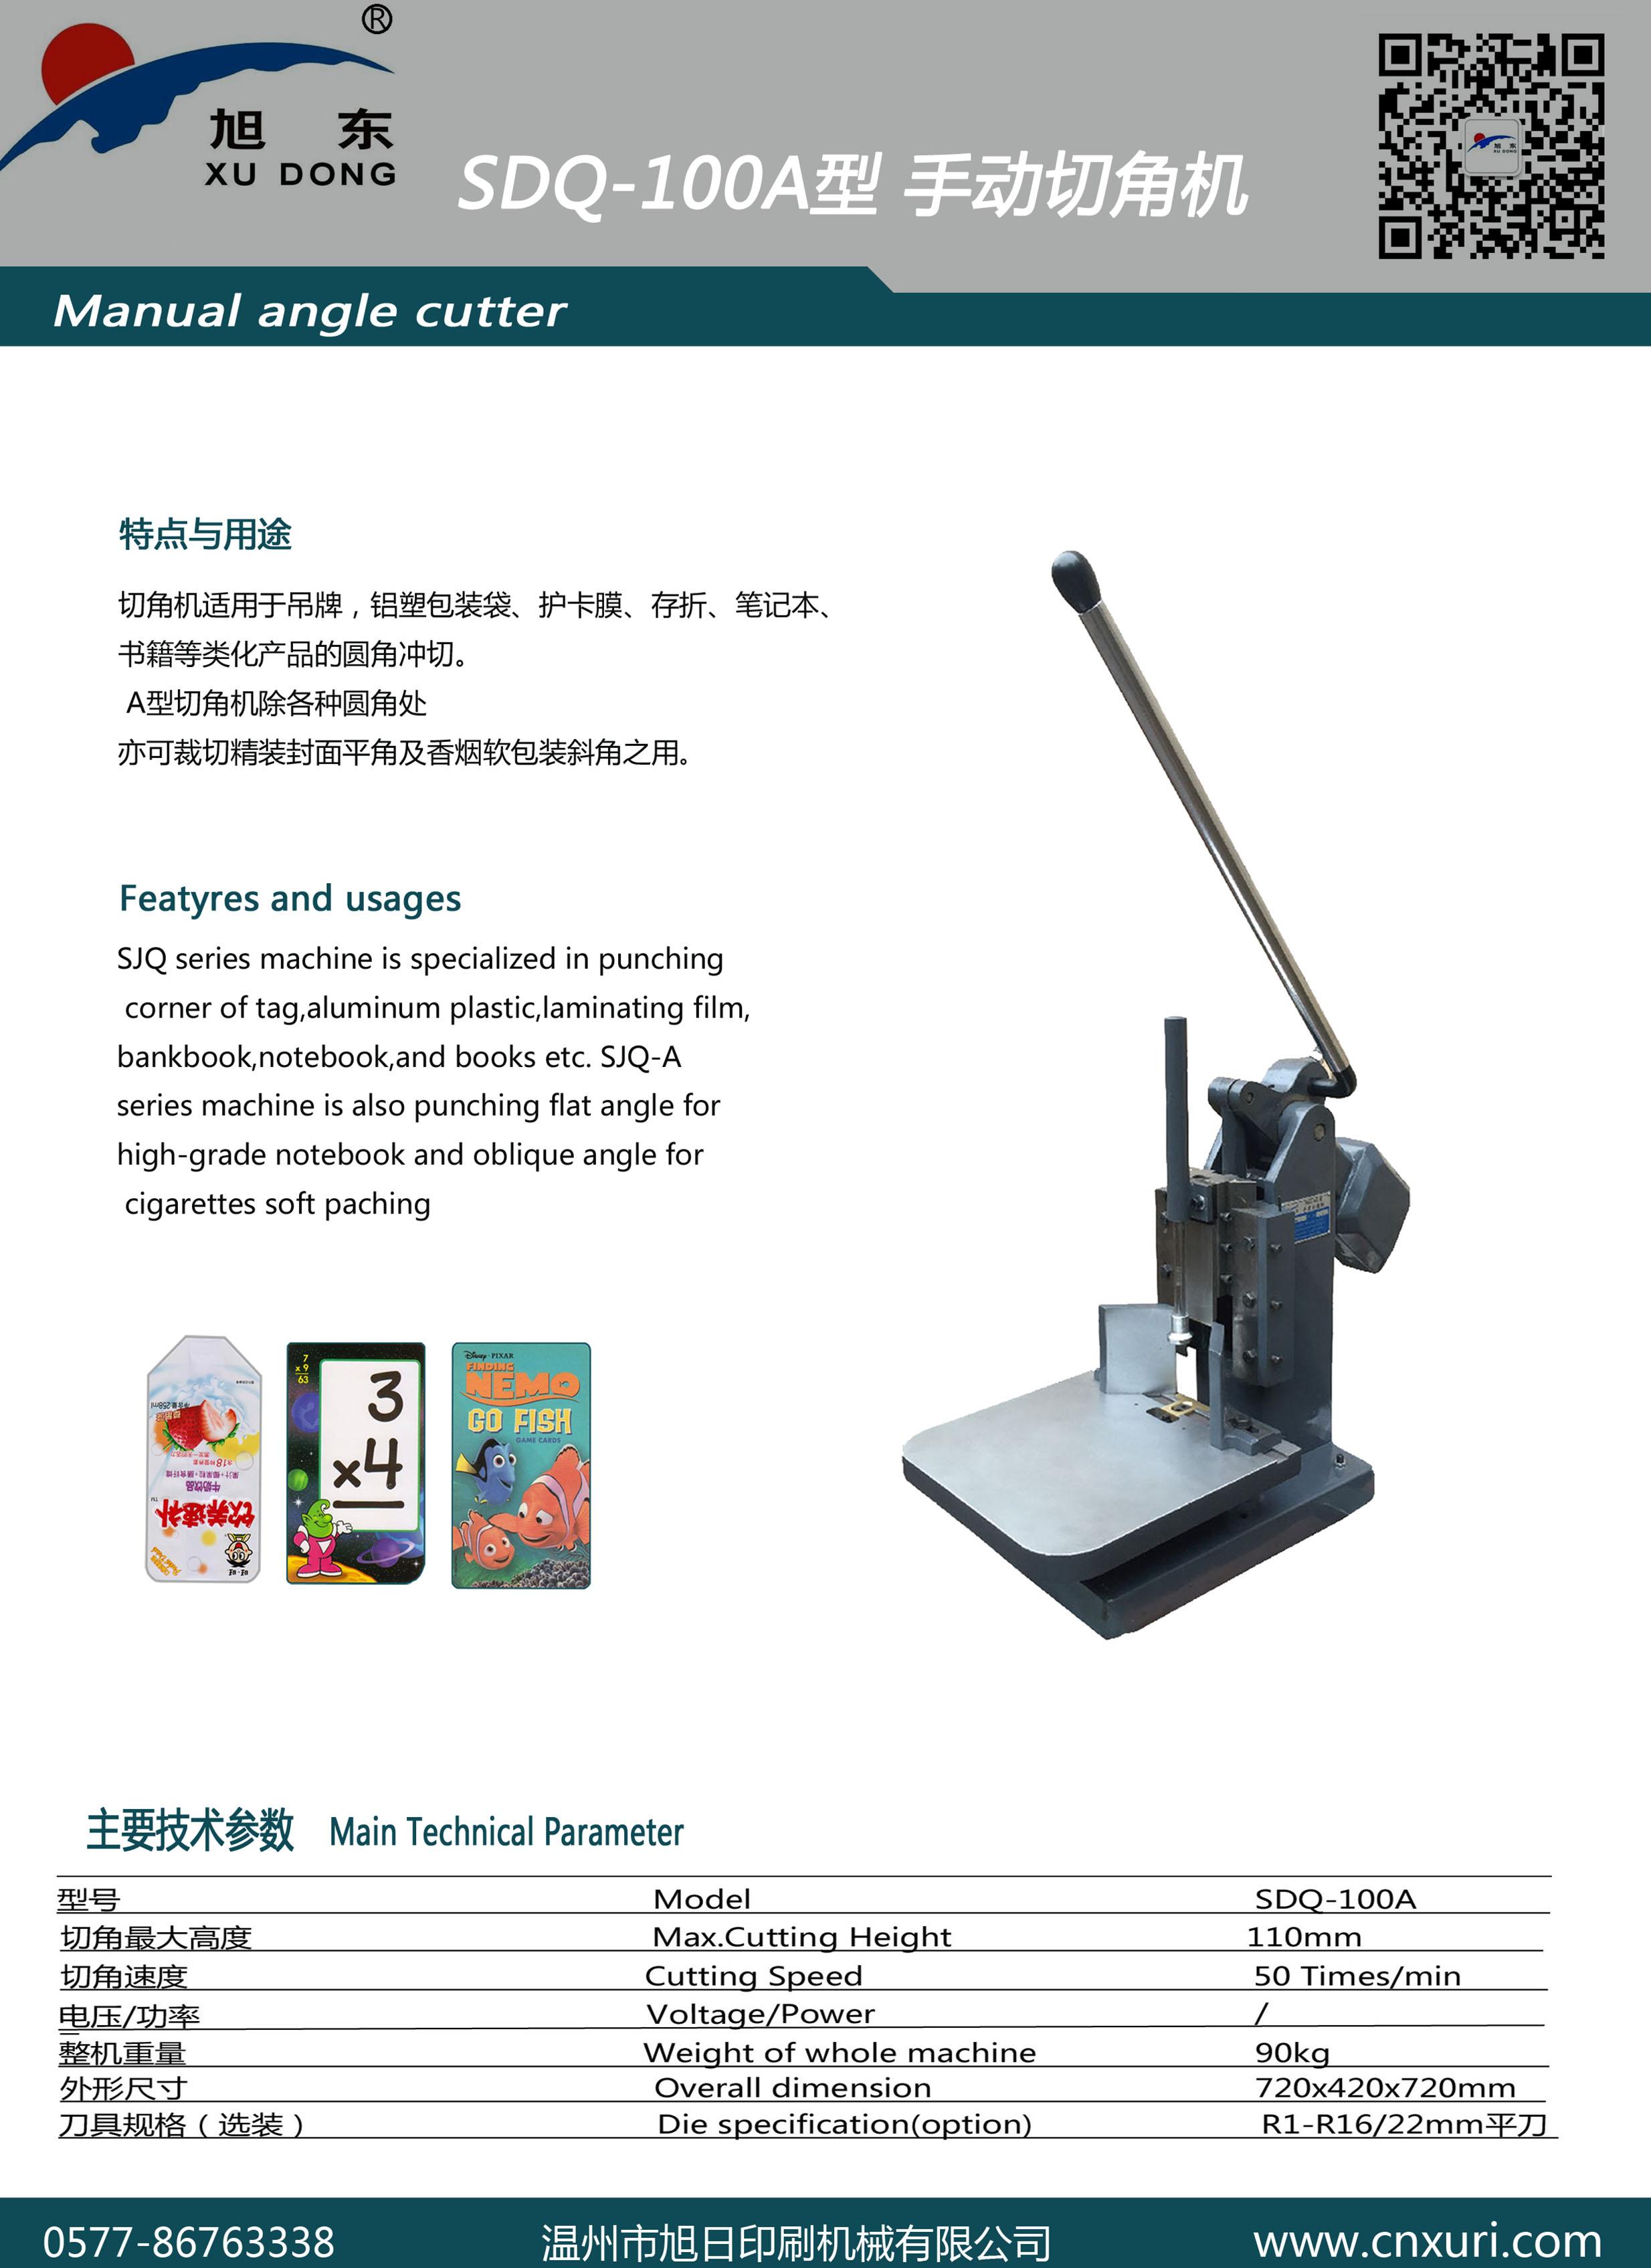 SDQ-100型手动切角机